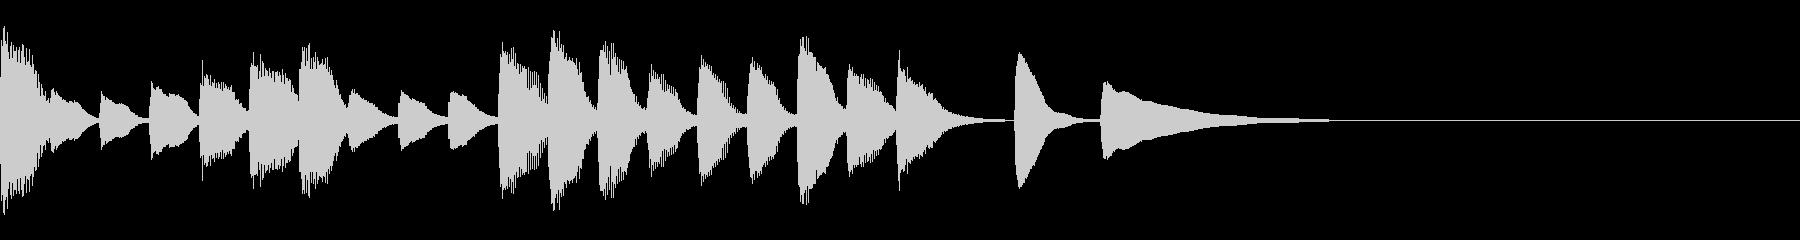 10秒以下のジングルの未再生の波形